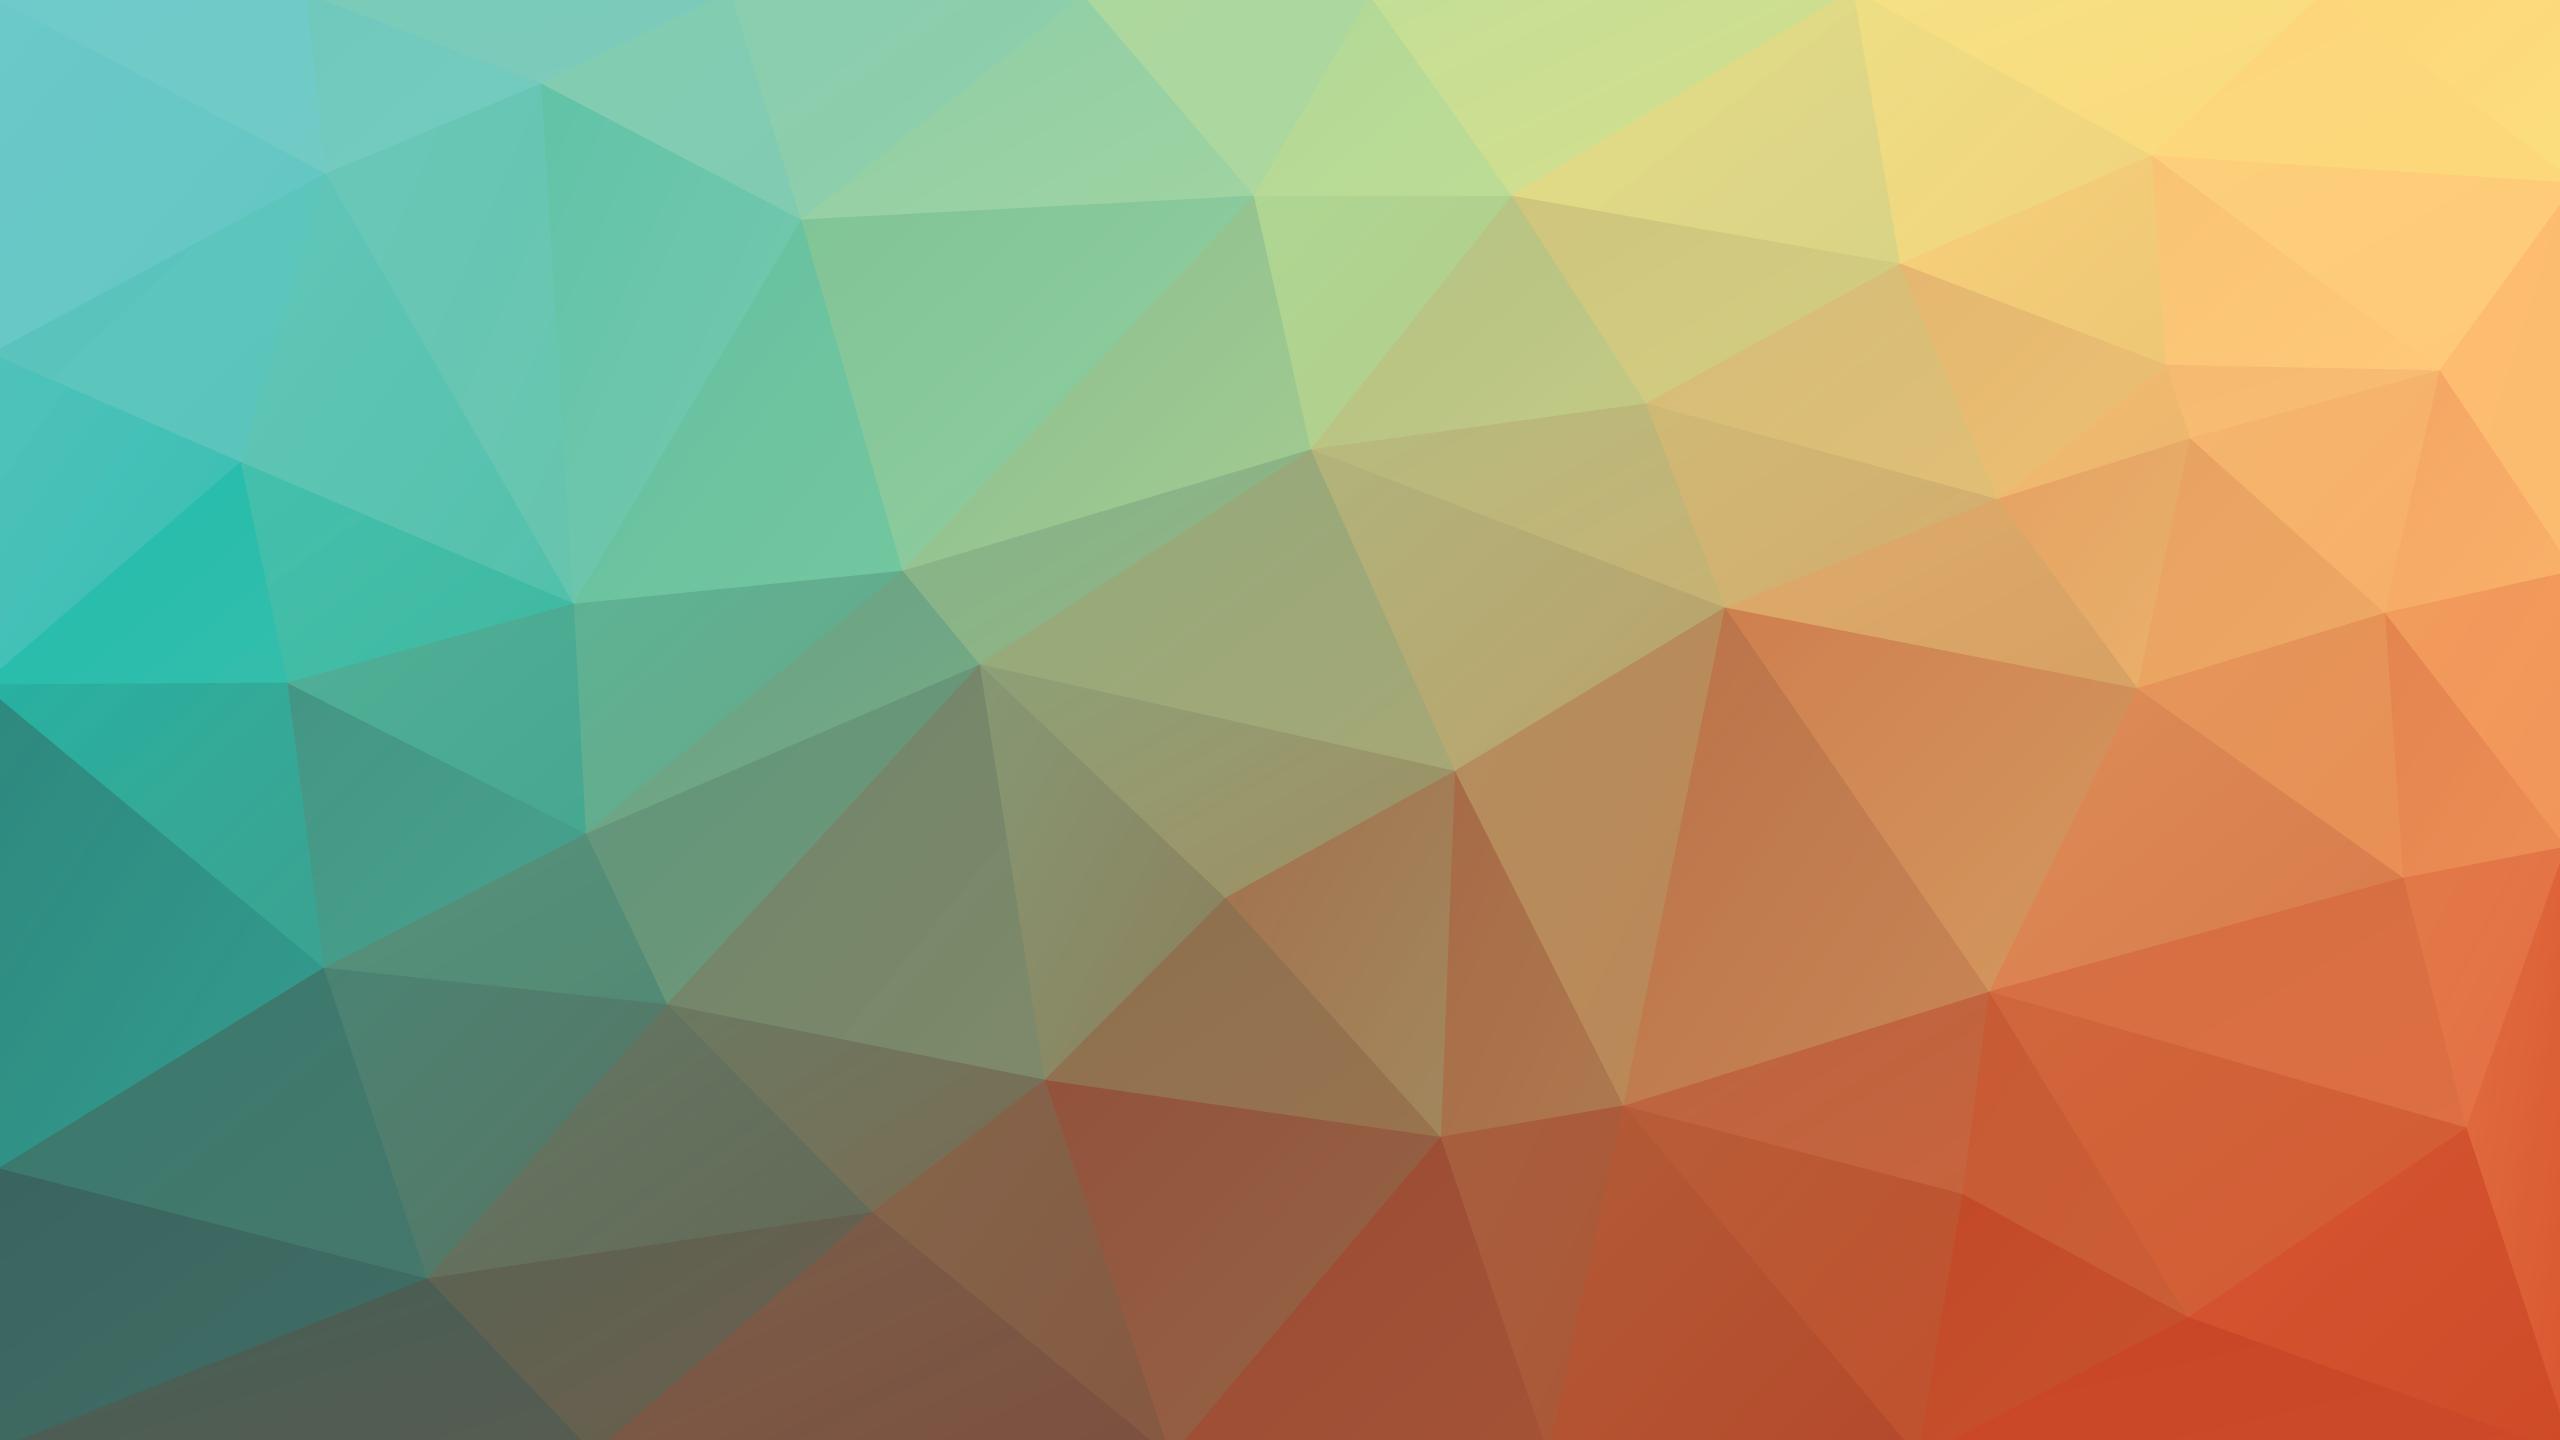 tessellation-patterns-orange